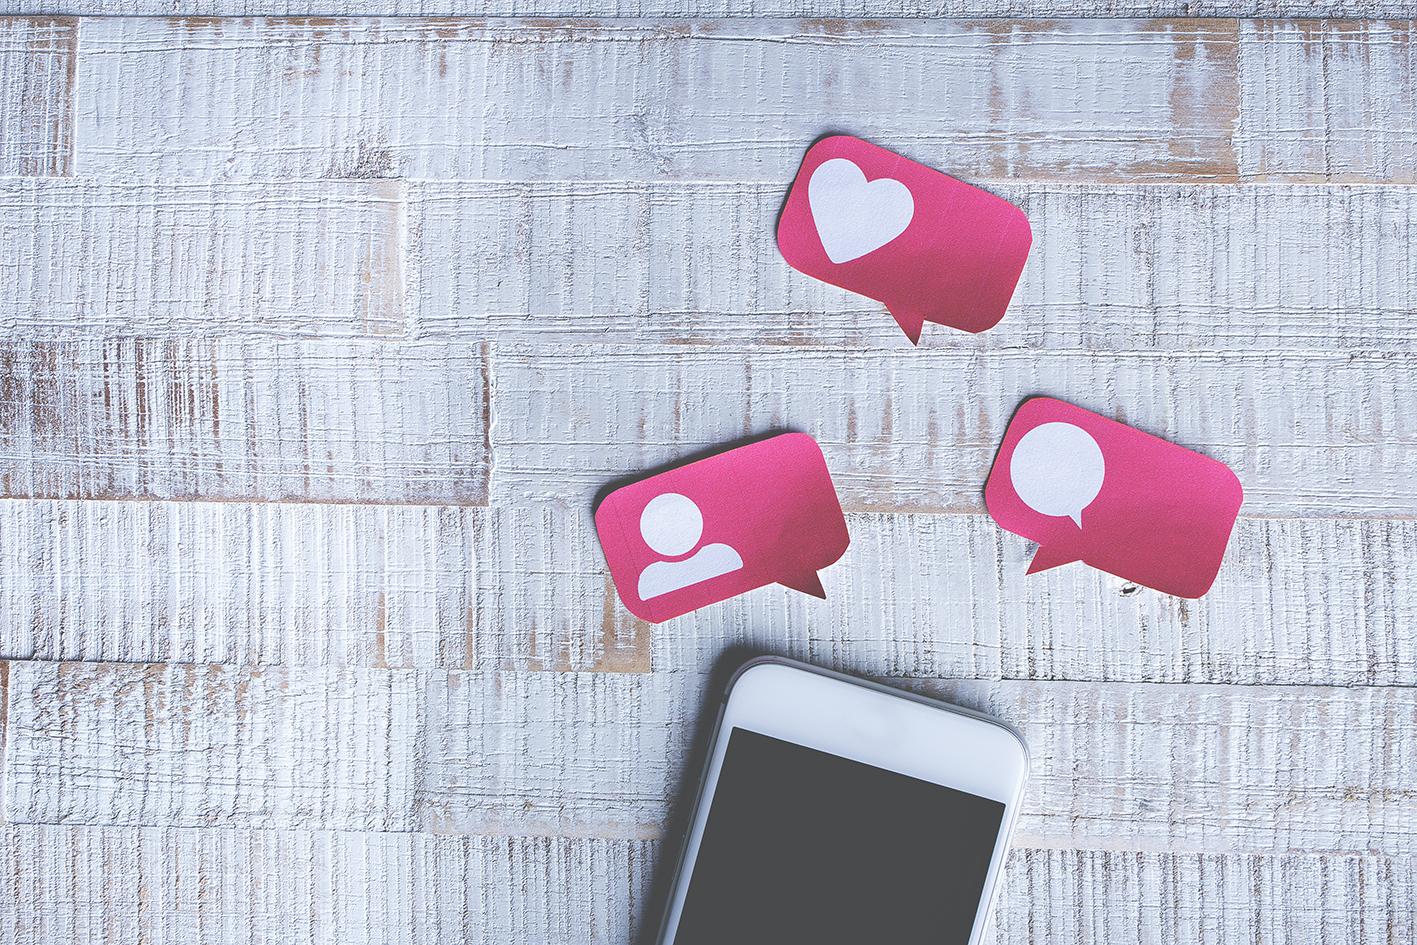 Smartphone met daarboven uitgeknipte tekstbalonnetjes met social media symbolen